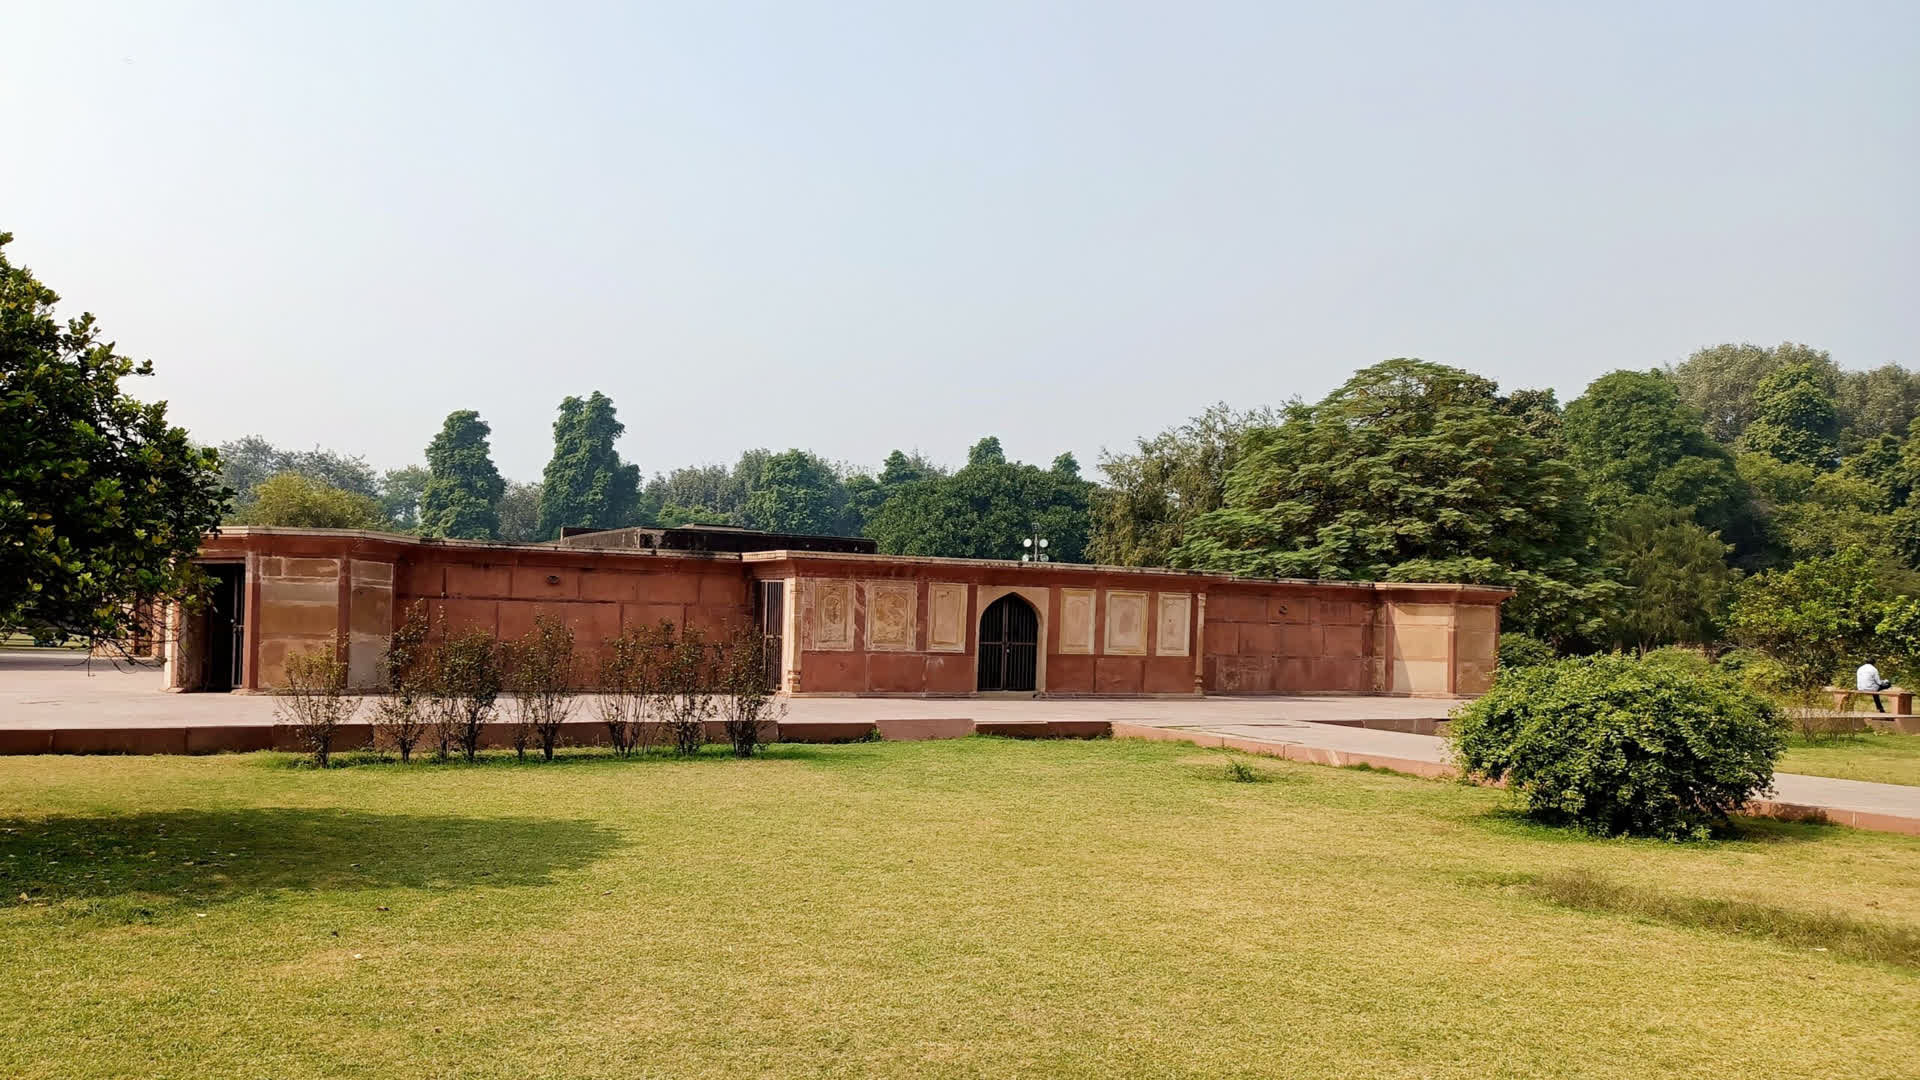 नजफ़गढ़: राजधानी में एक किंगमेकर